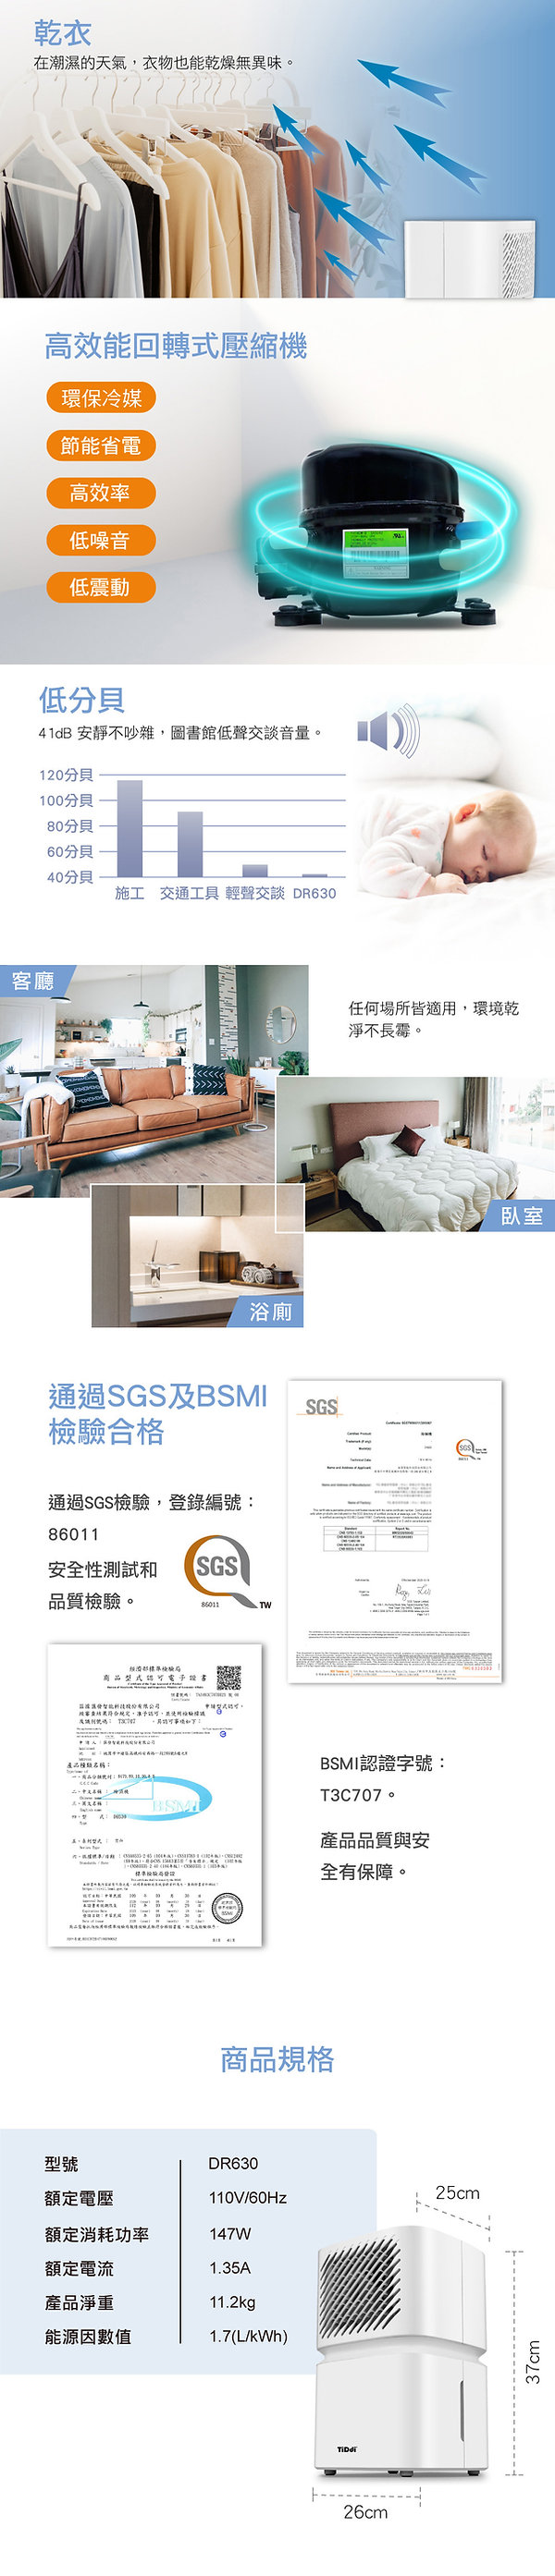 DR630-V9-2-no.jpg